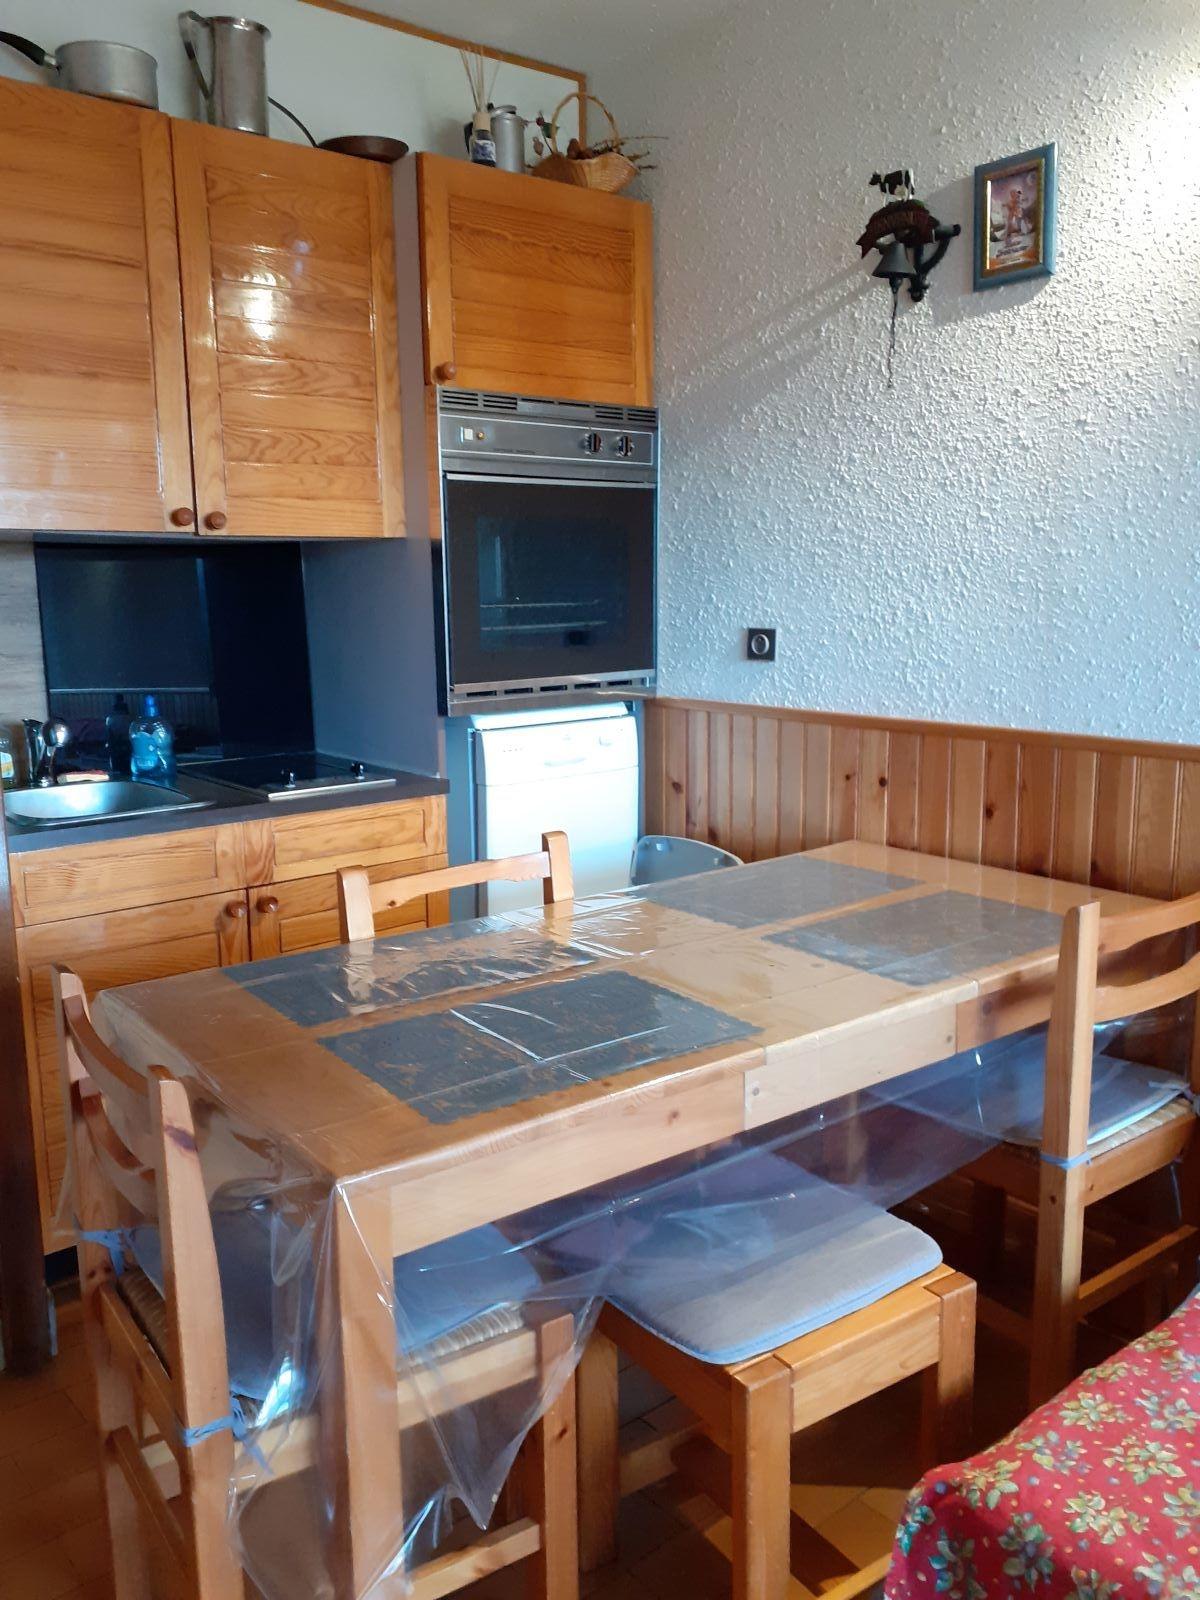 20201007 153136 - ANCELLE STUDIO DE 25 m² (6 COUCHAGES) AVEC VERANDA AU CHATEAU D'ANCELLE